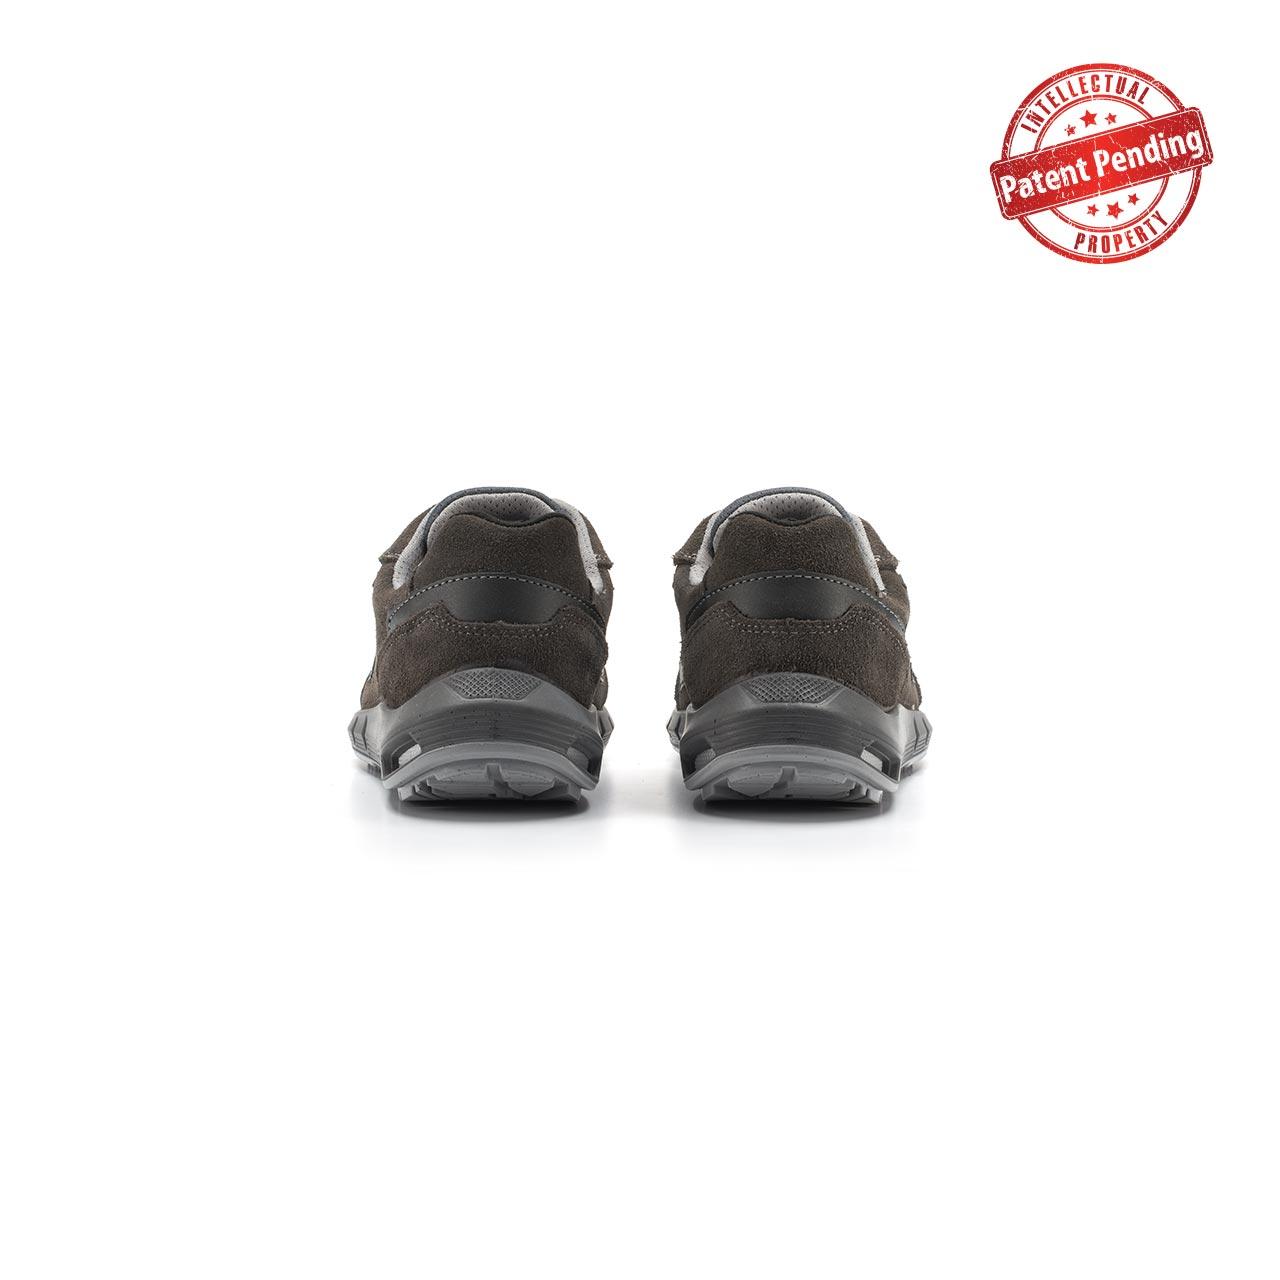 paio di scarpe antinfortunistiche upower modello rigel linea redup plus vista retro